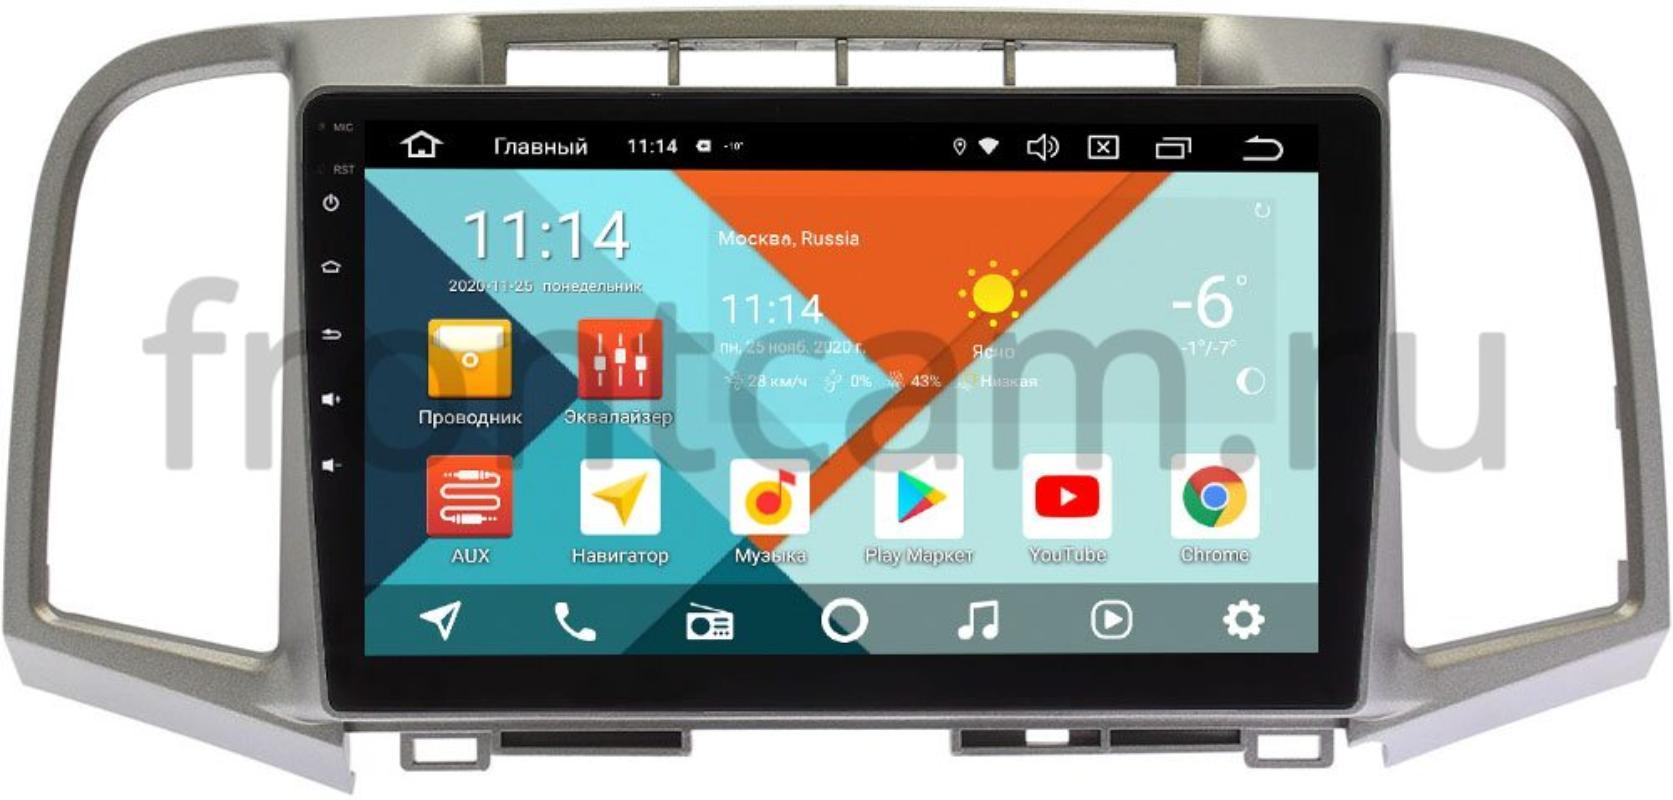 Штатная магнитола Toyota Venza 2009-2017 (с JBL) Wide Media KS9-9359QR-3/32 DSP CarPlay 4G-SIM на Android 10 (API 29) (+ Камера заднего вида в подарок!)